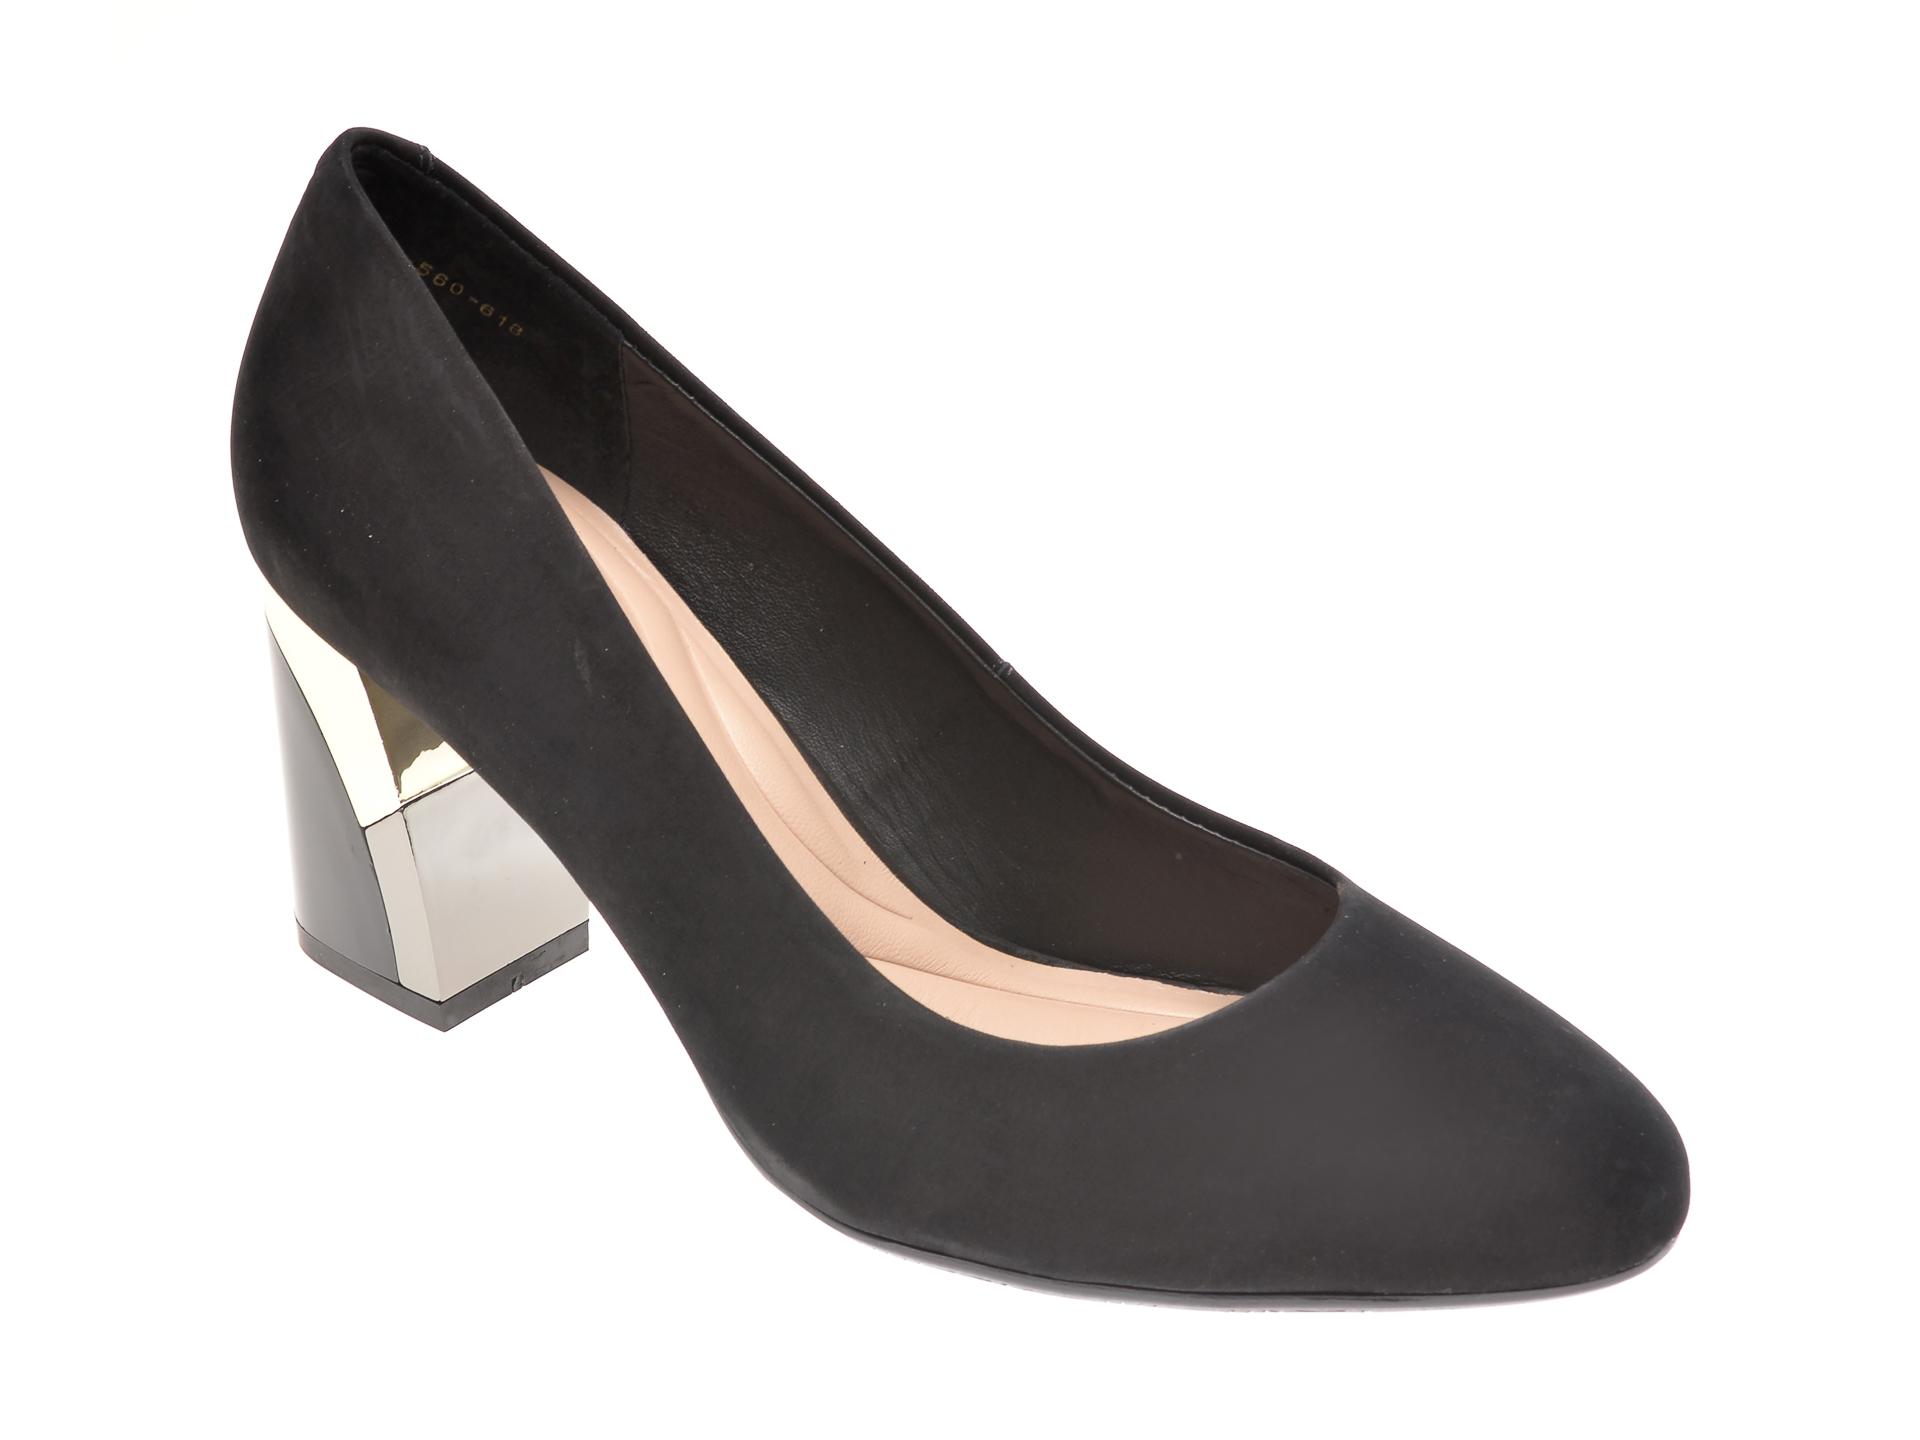 Pantofi EPICA negri, 1952560, din nabuc imagine otter.ro